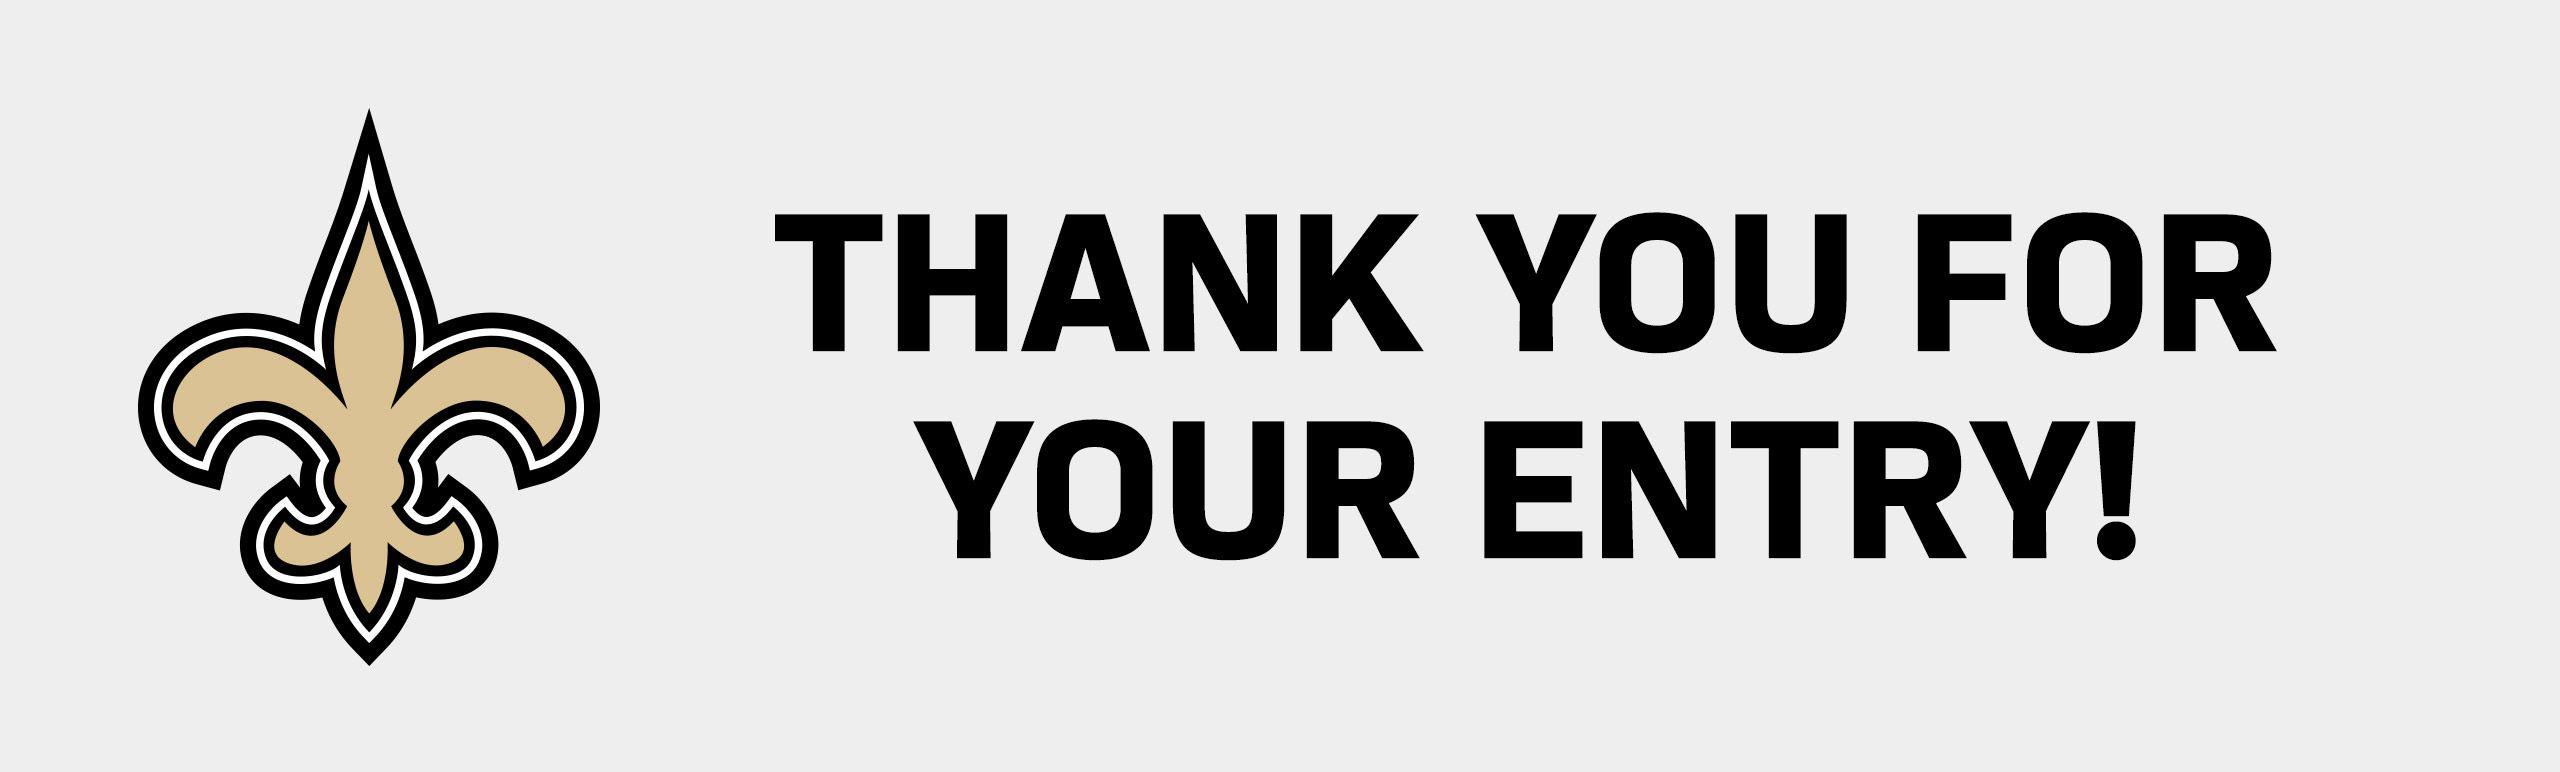 Promo-Thank-You-Entry